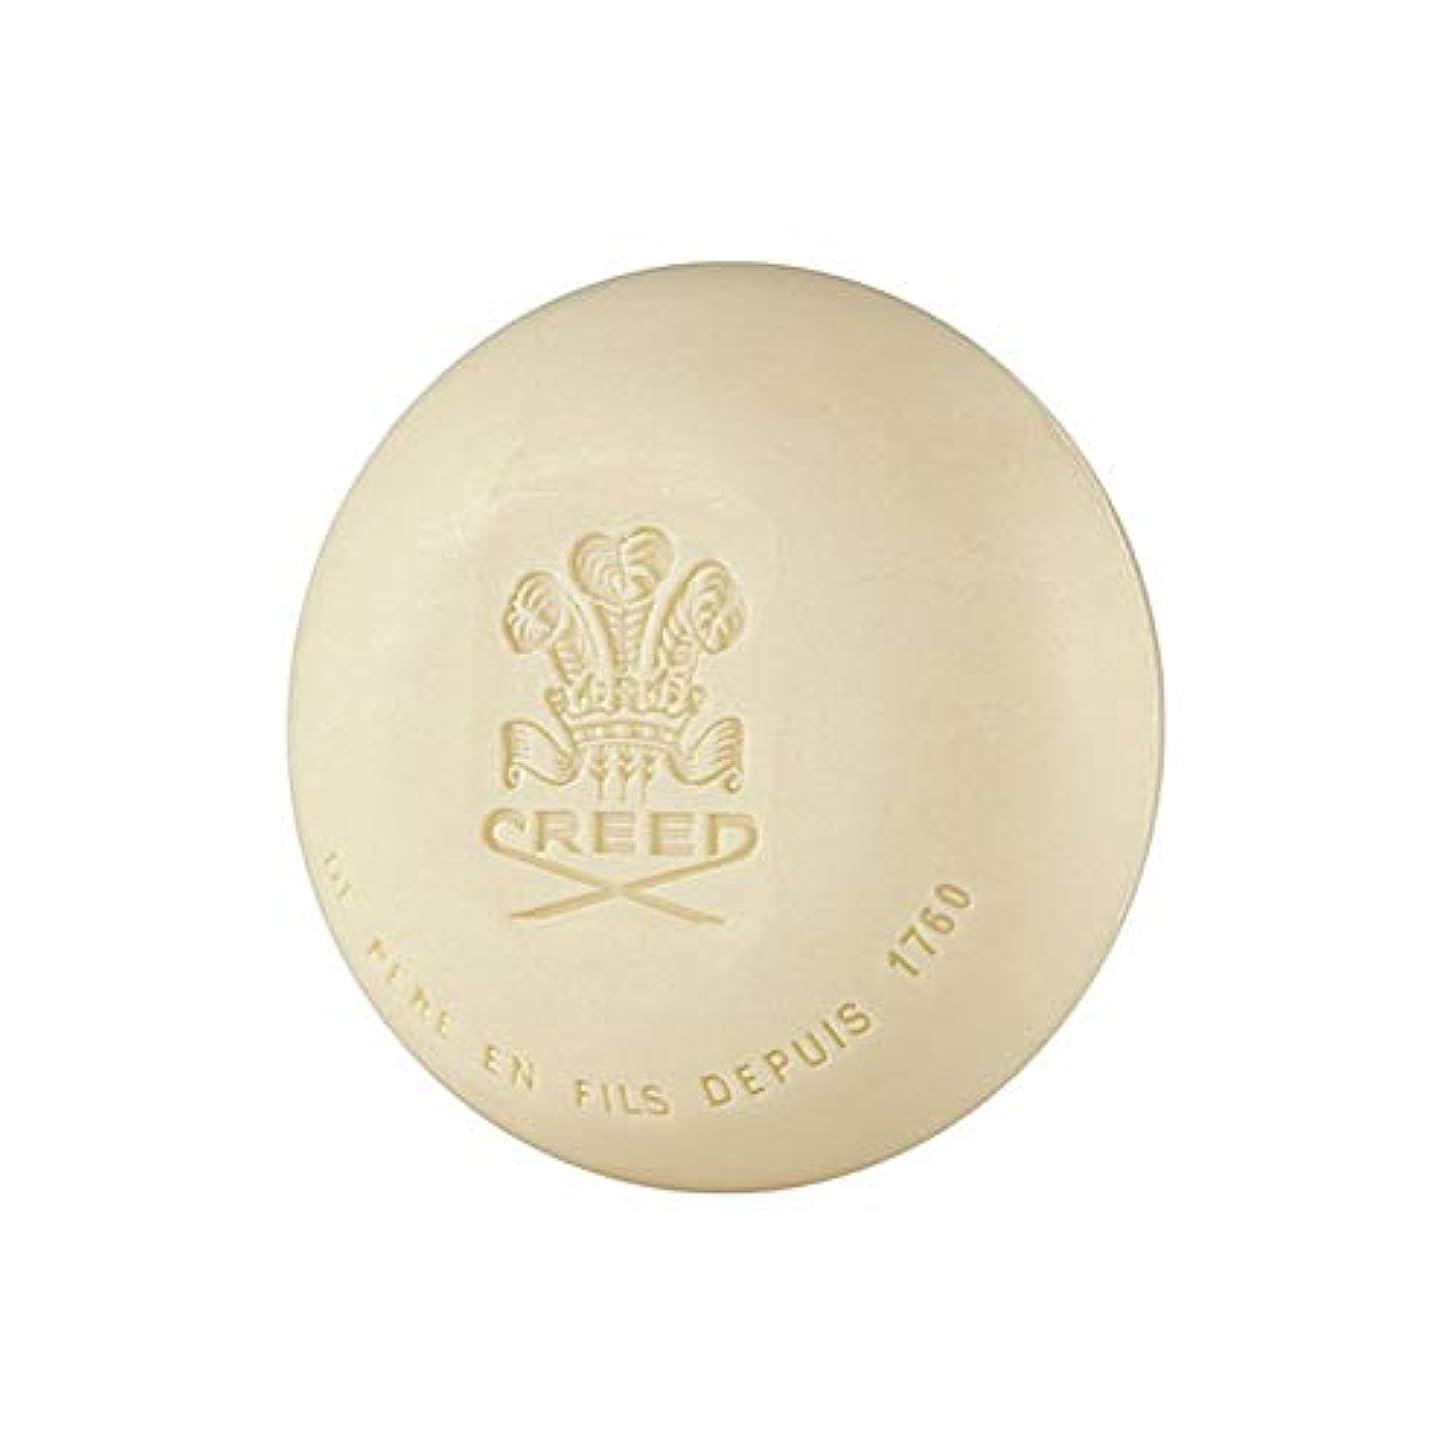 シフト見込み遅い[Creed ] 信条元サンタル石鹸150グラム - Creed Original Santal Soap 150G [並行輸入品]